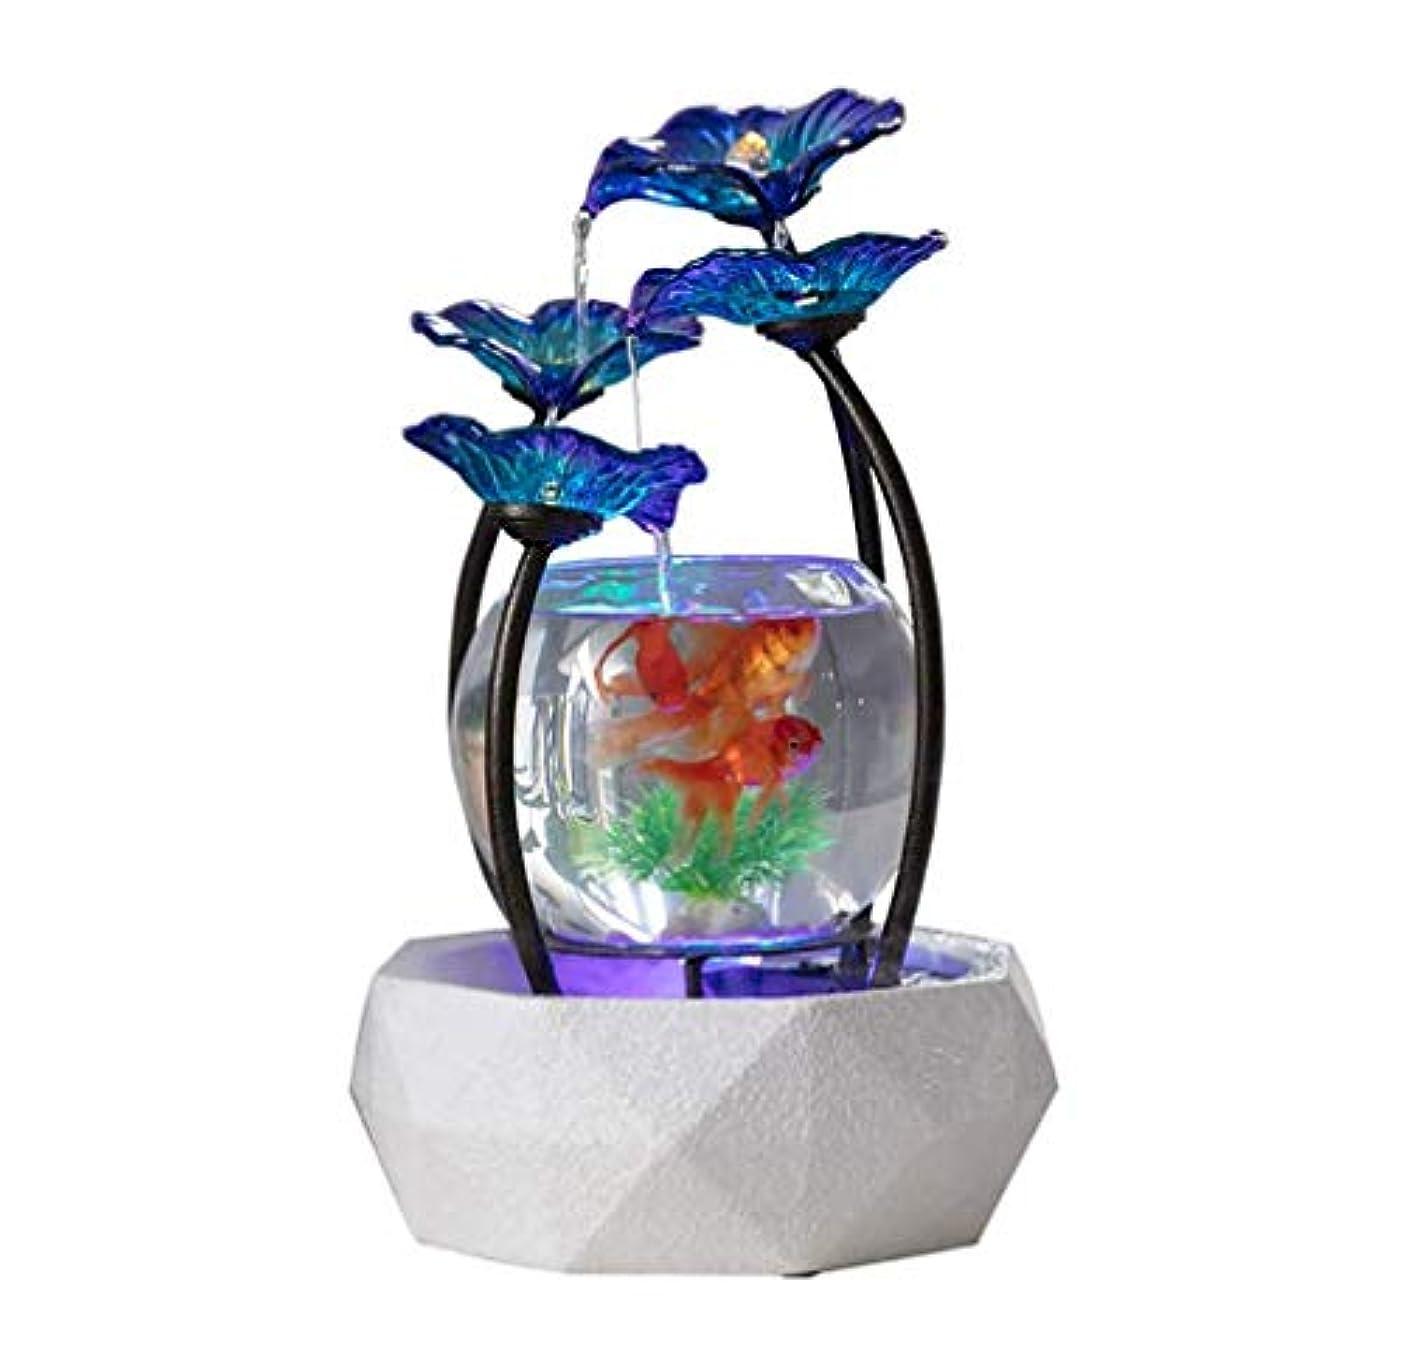 ぐったり死にかけている市区町村創造的なガラス水槽、噴水金魚タンク、LEDライト付き水族館、家/オフィスの装飾のため良い友達への贈り物として